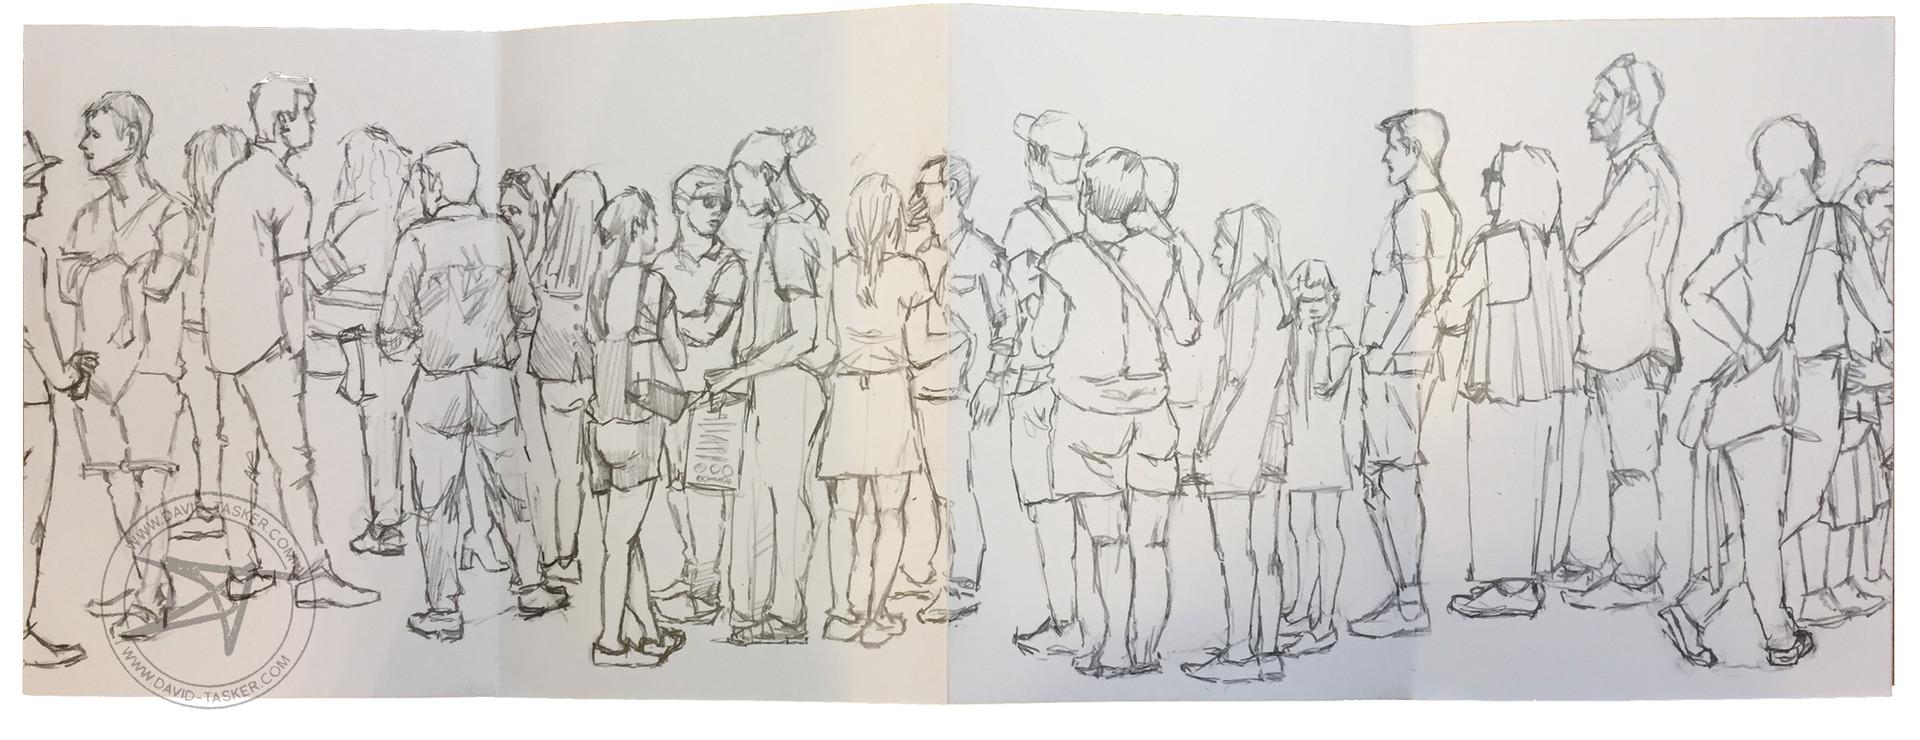 Queue drawing 9.jpg